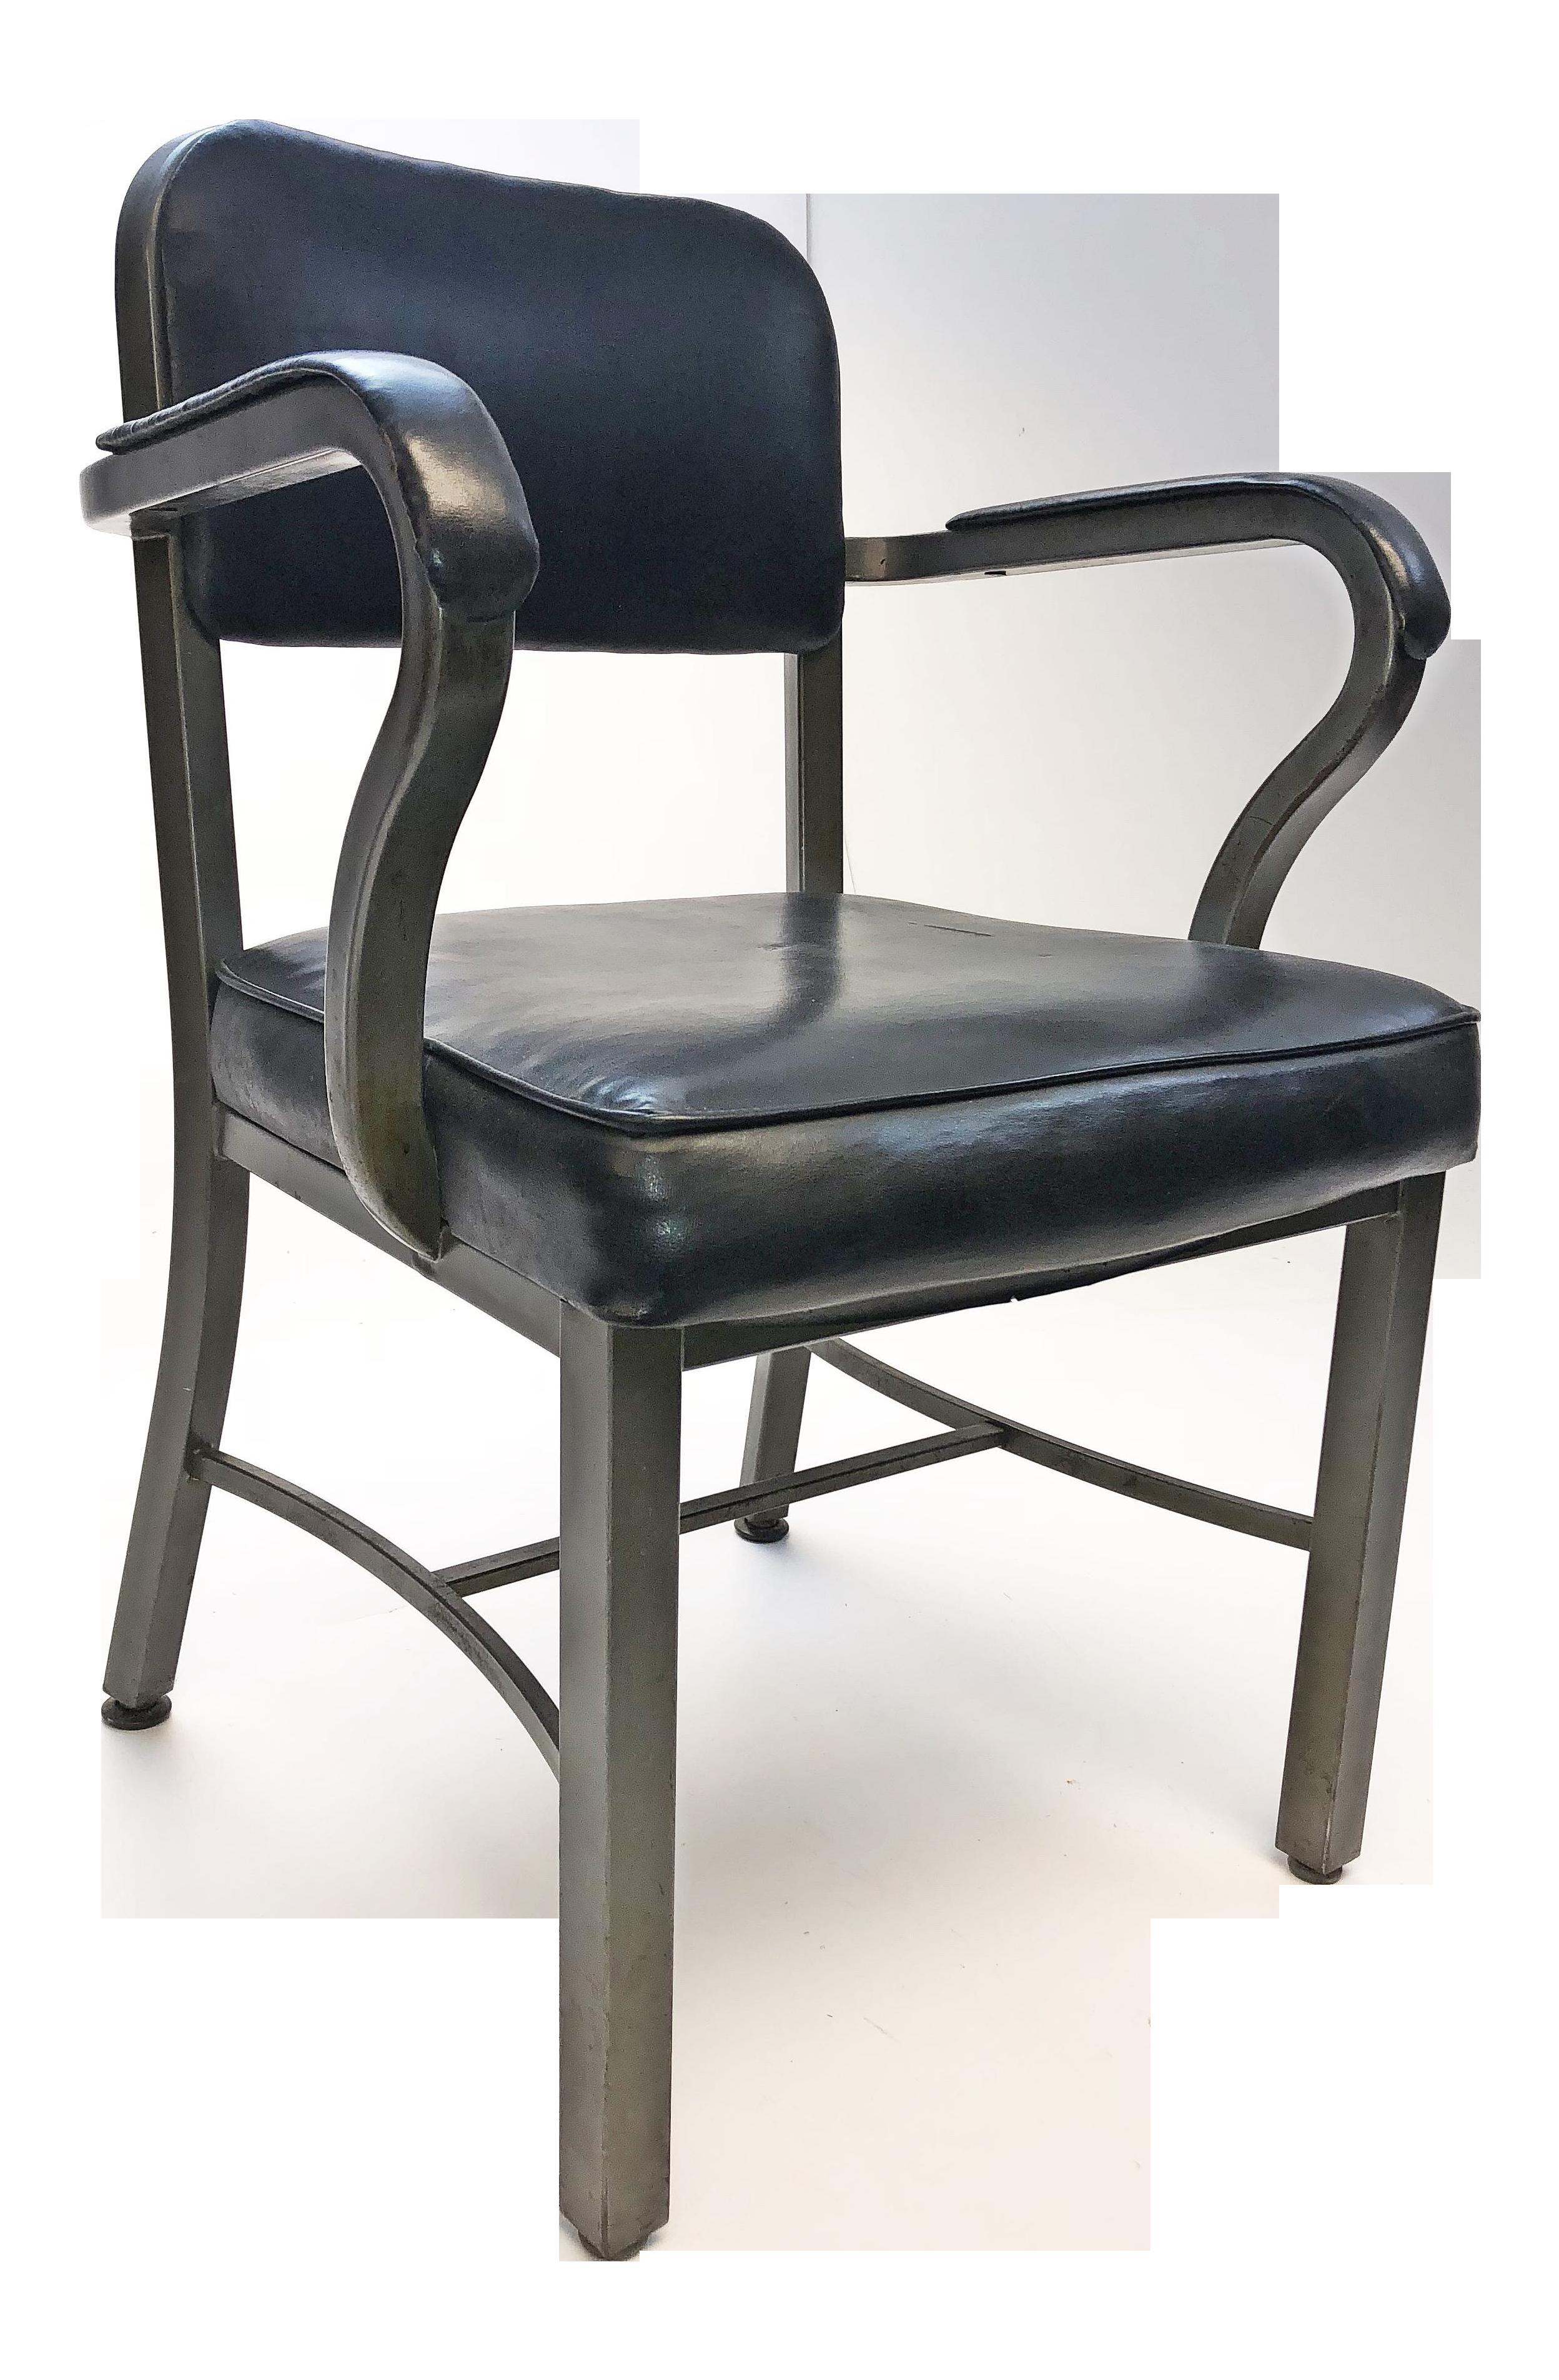 Vintage Metal Office Chair Rolling Vintage Sturgis Posture Co Industrial Black Metal Office Chair Chairish Vintage Sturgis Posture Co Industrial Black Metal Office Chair